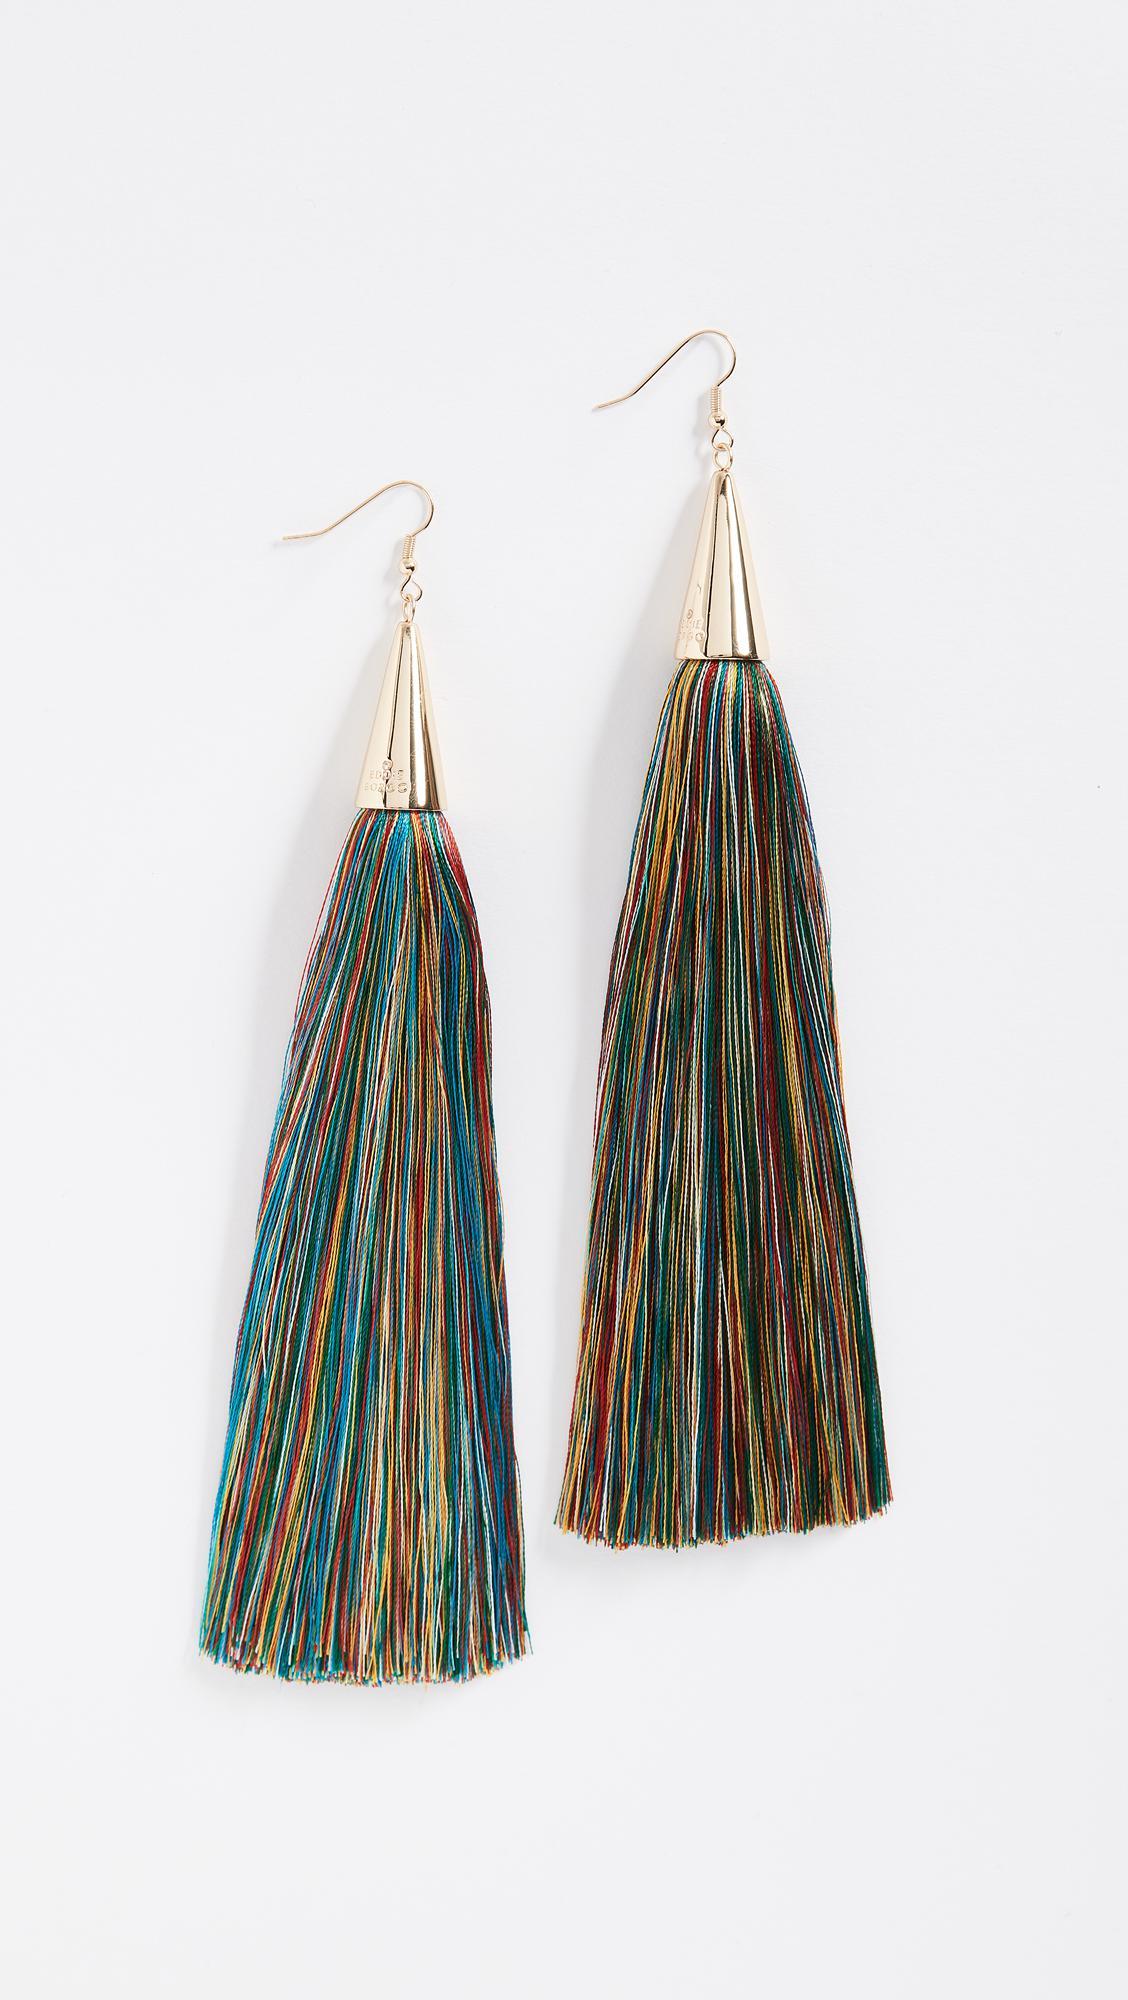 long tassel earrings - Yellow & Orange Eddie Borgo 64I7qCQB